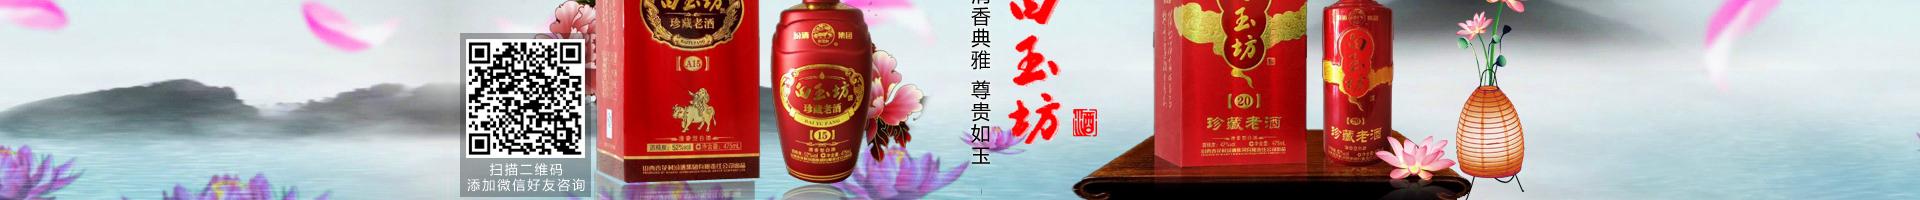 山西杏花村汾酒集团白玉坊系列全国运营中心